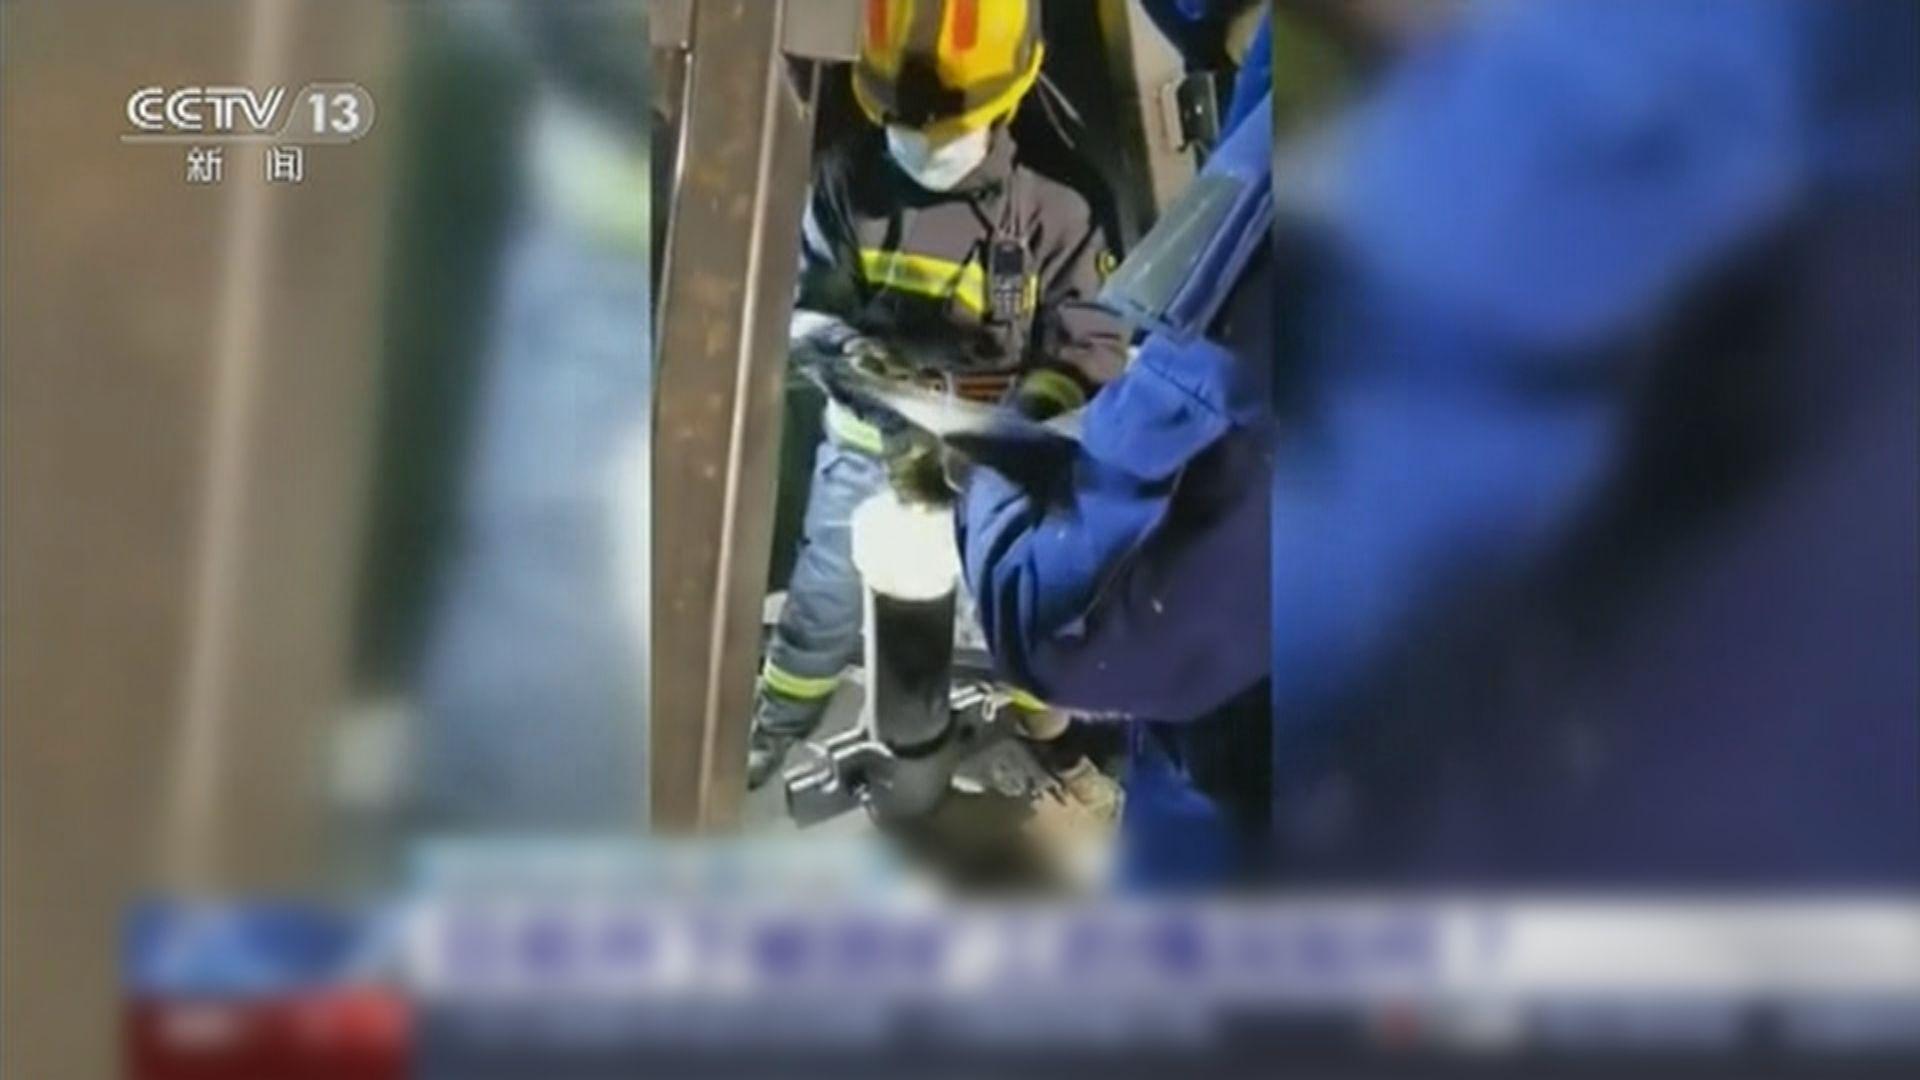 山東金礦爆炸 一名被困礦工頭部受傷昏迷